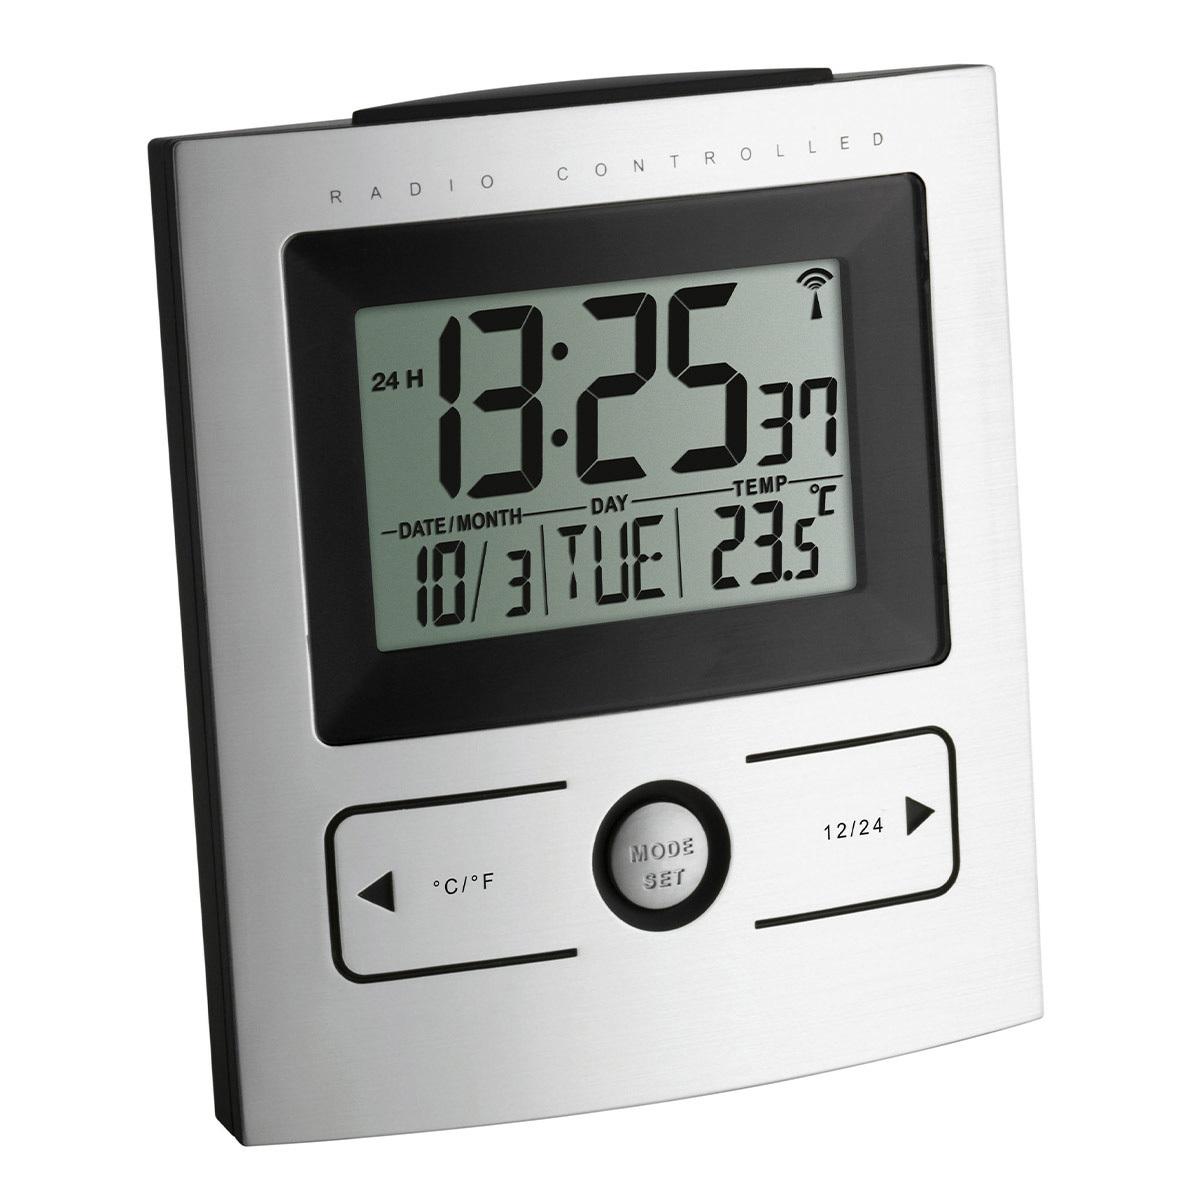 60-2512-digitaler-funk-wecker-mit-temperatur-1200x1200px.jpg